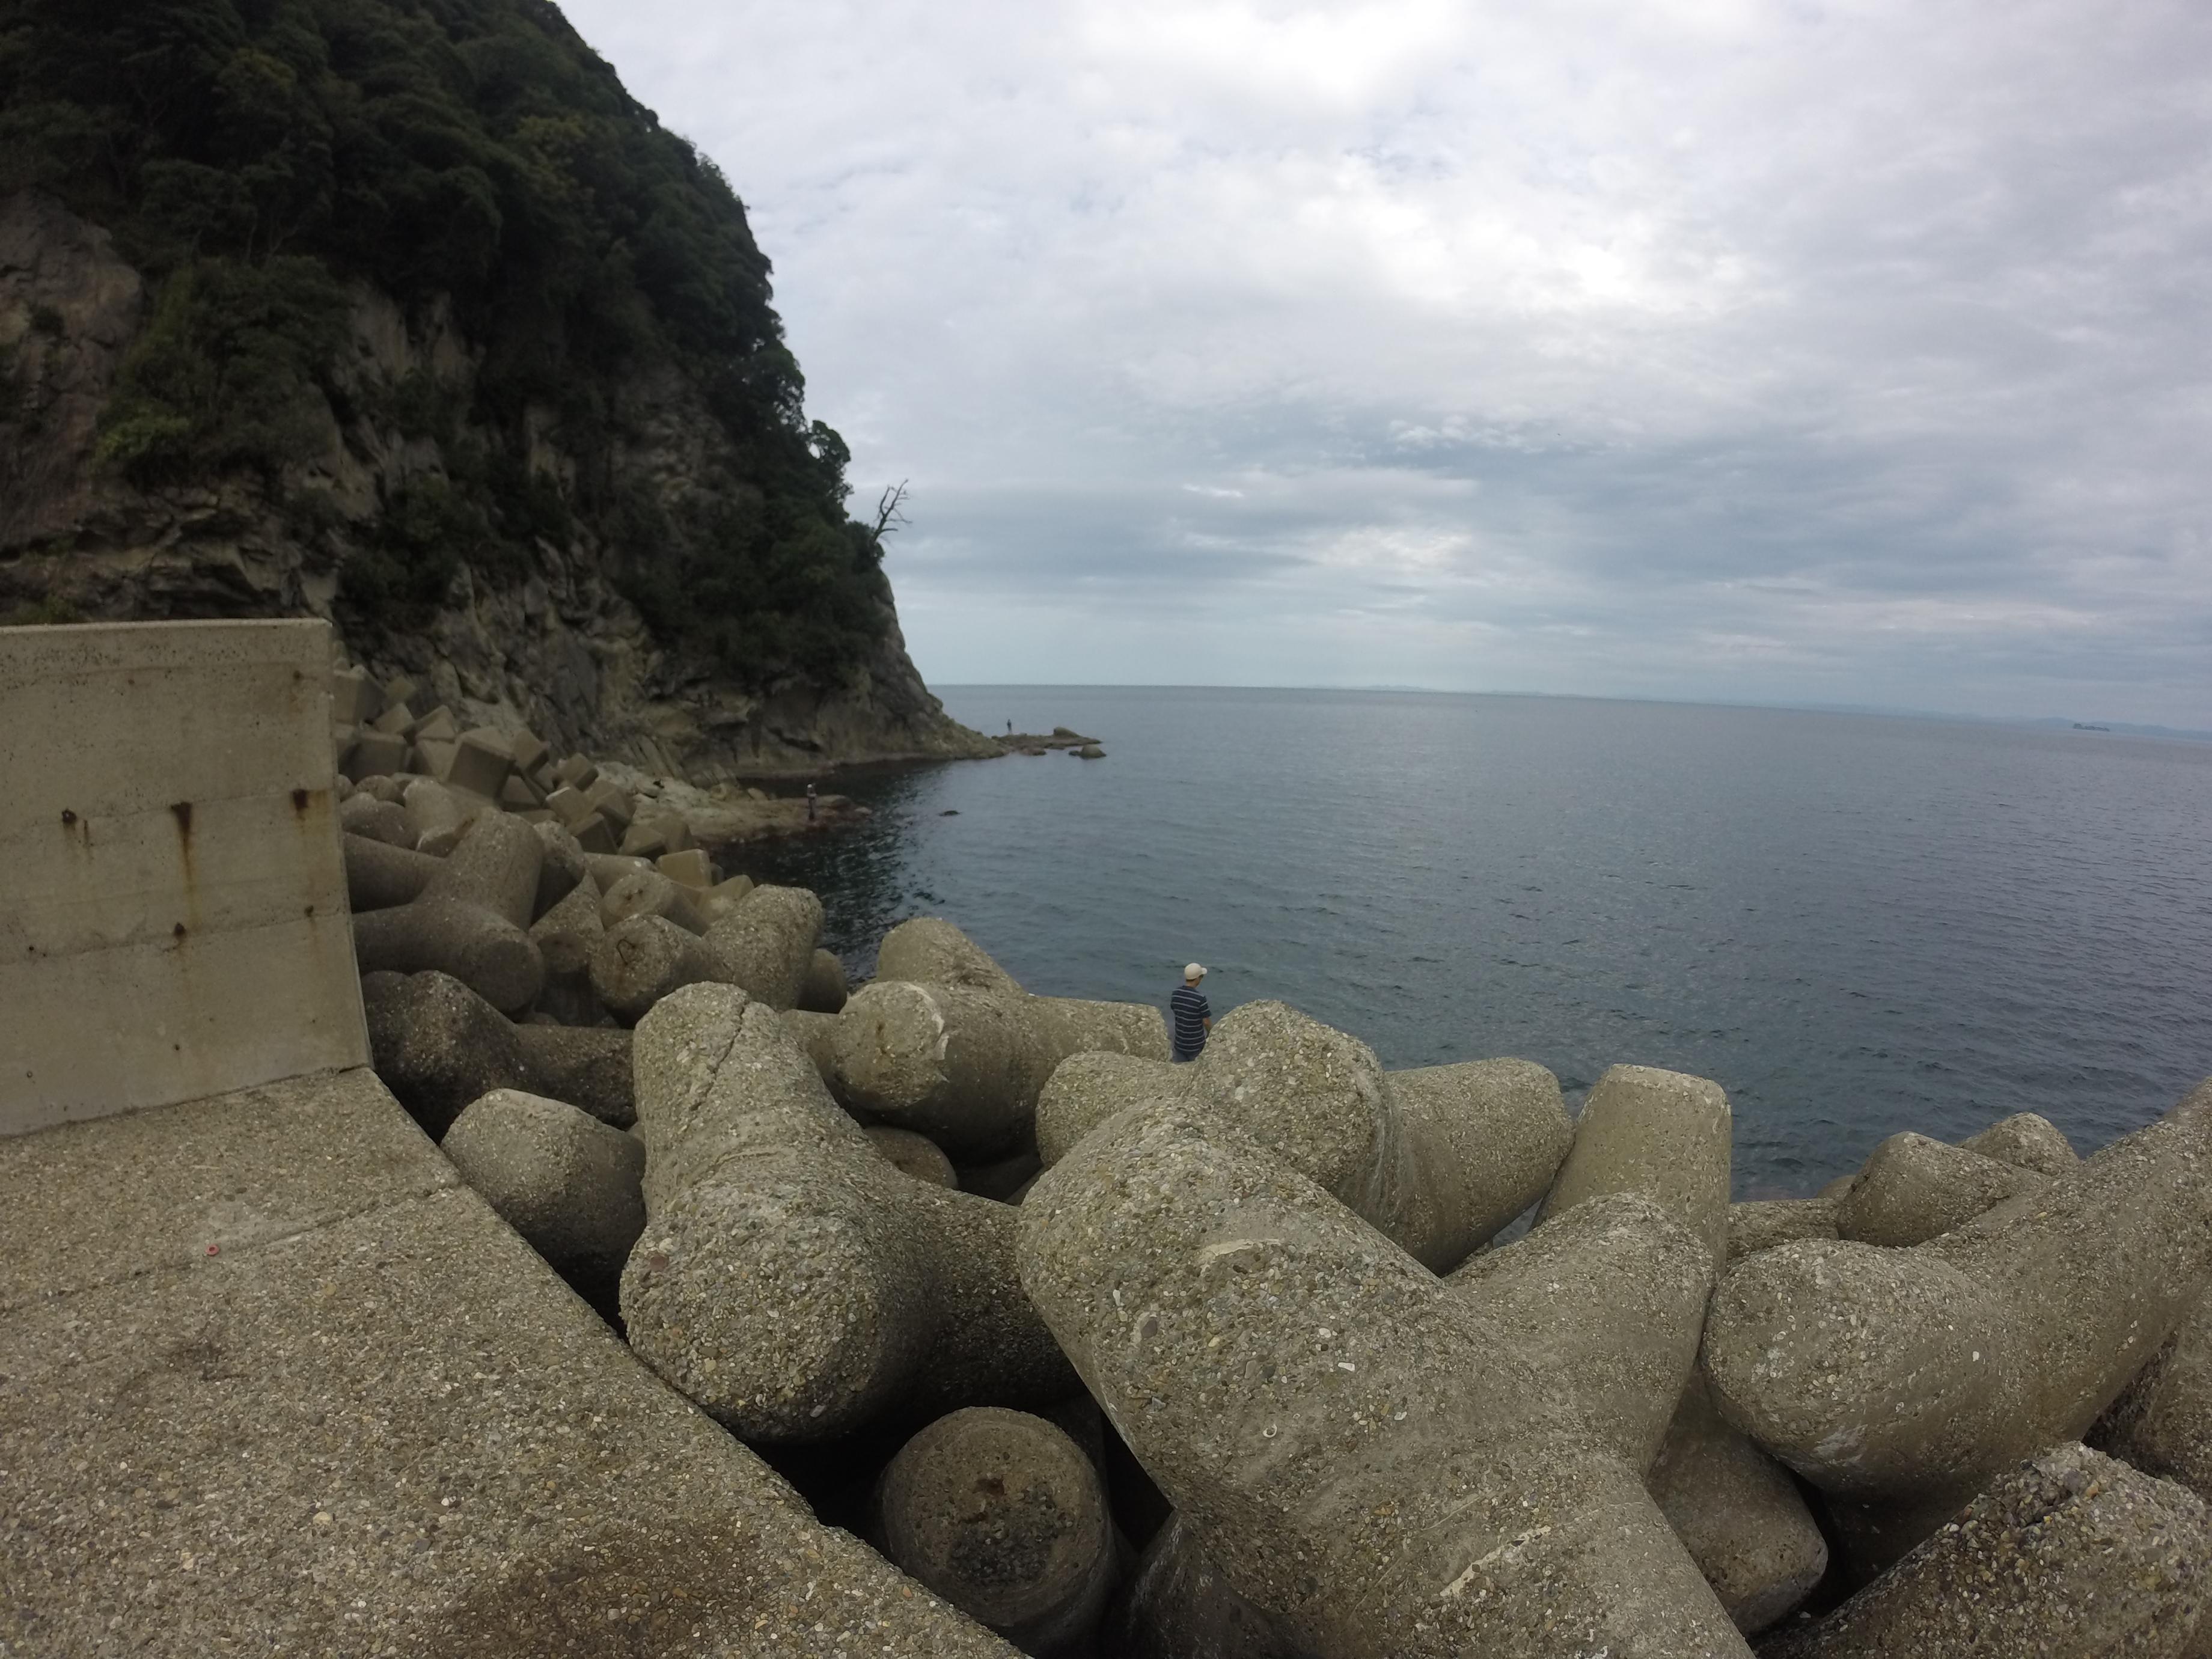 日本海京都丹後のエギングにオススメのポイント、蒲入漁港の釣り場紹介、絶品漁港めしも!